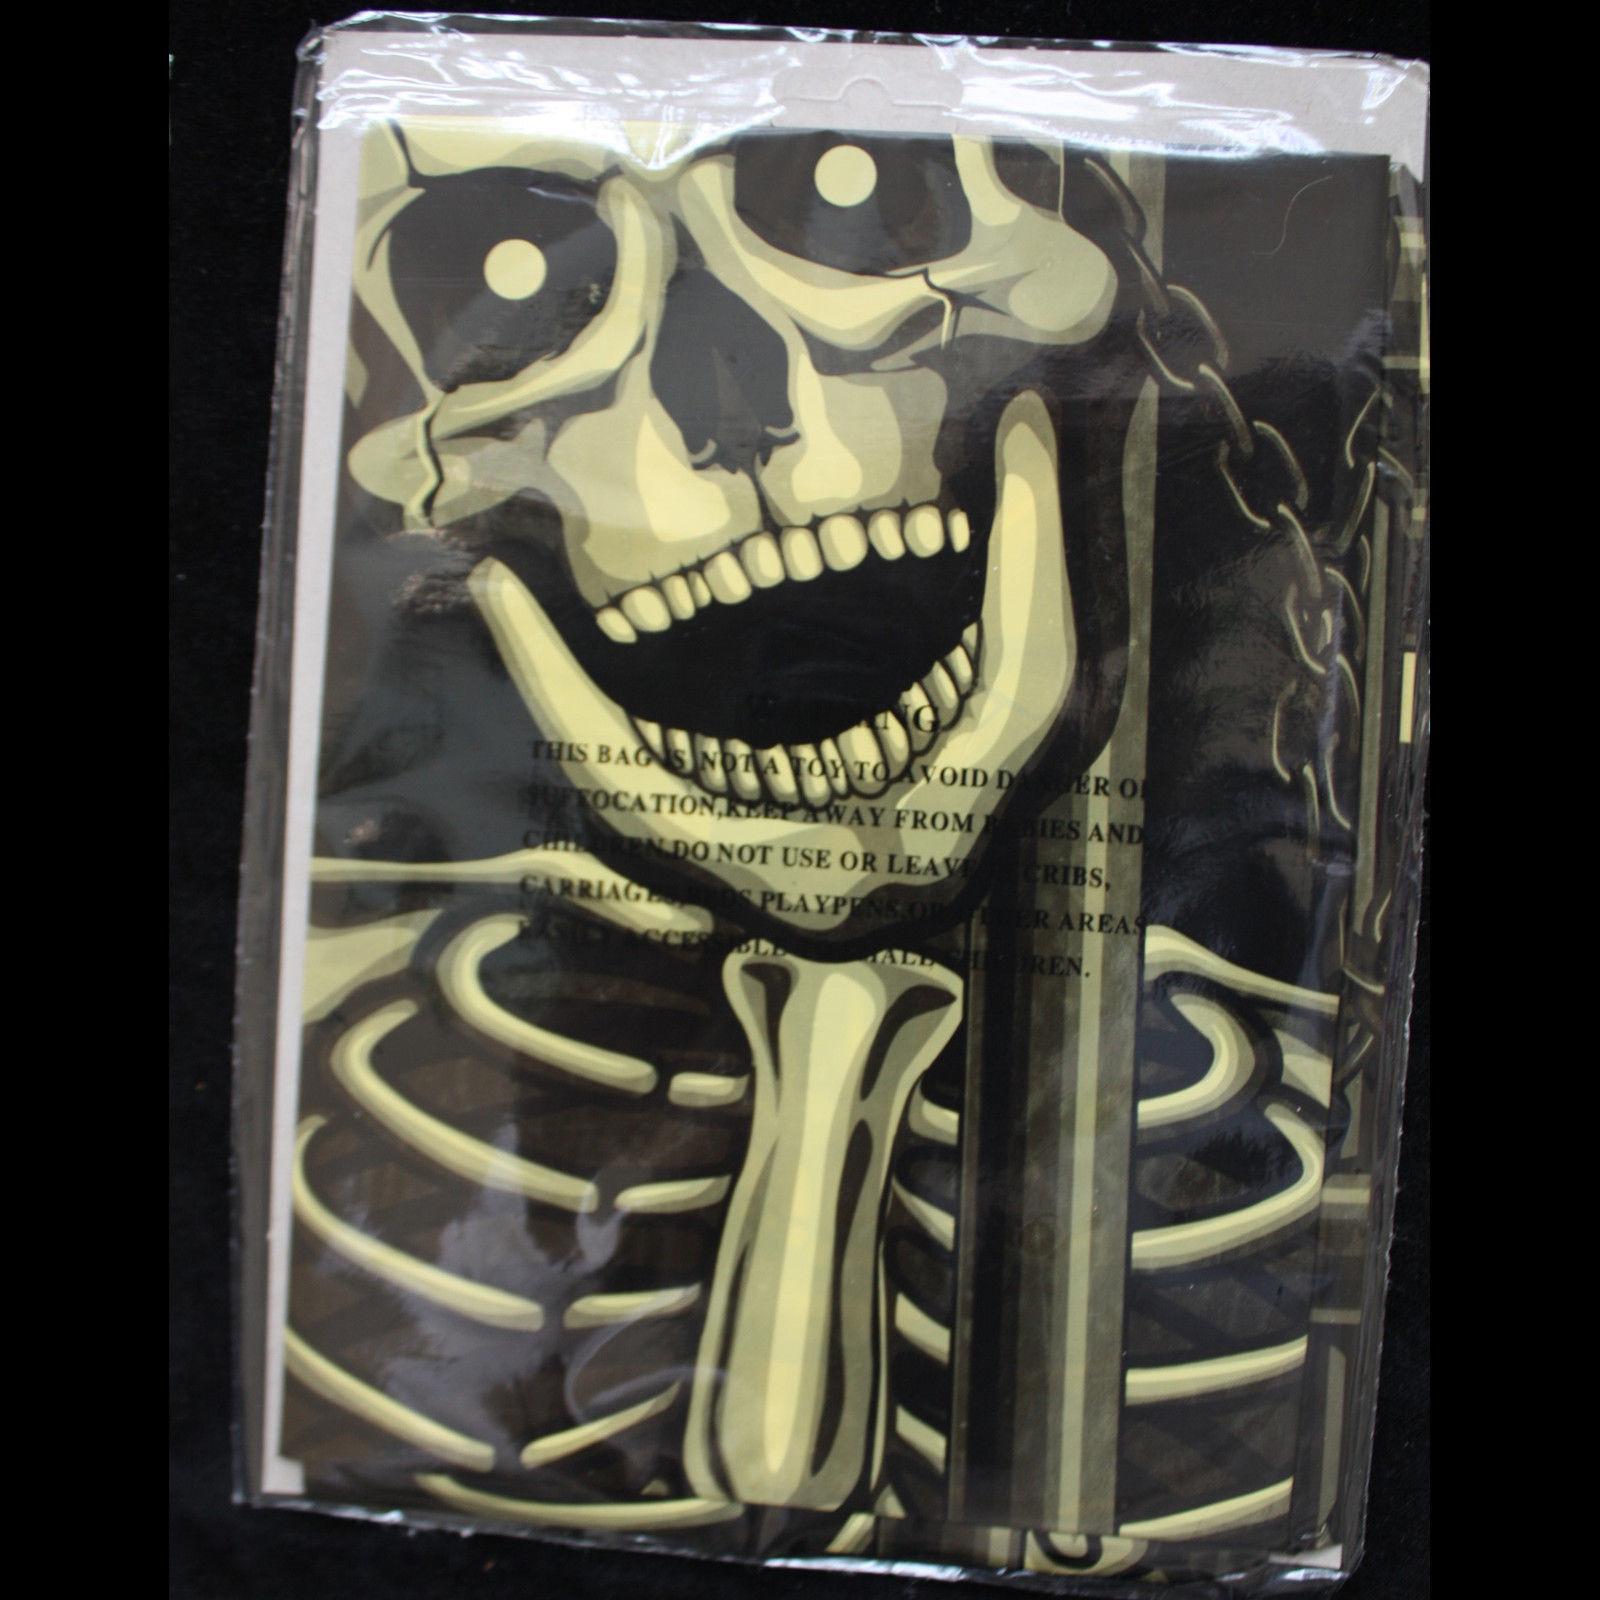 Gothic-SKELETON PRISONERS DOOR COVER MURAL-Halloween Party Decoration Prop-30x60